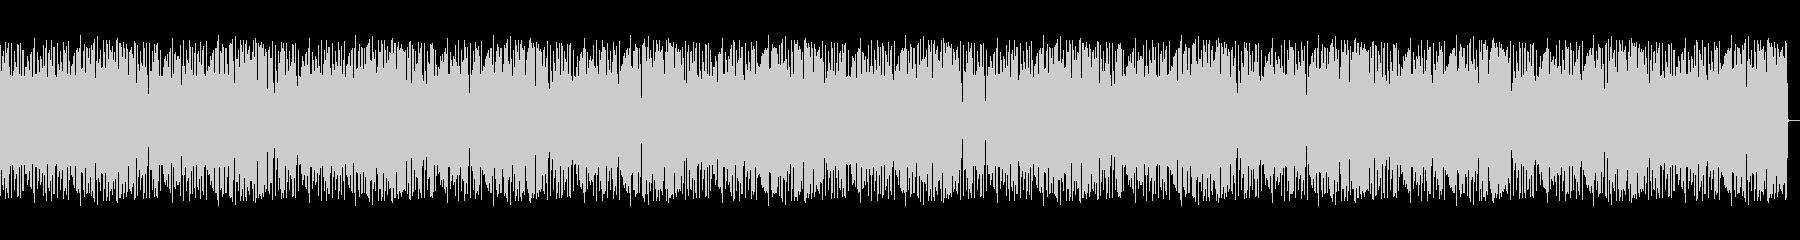 知育・料理・ほのぼの・日常ピアノ2Lの未再生の波形